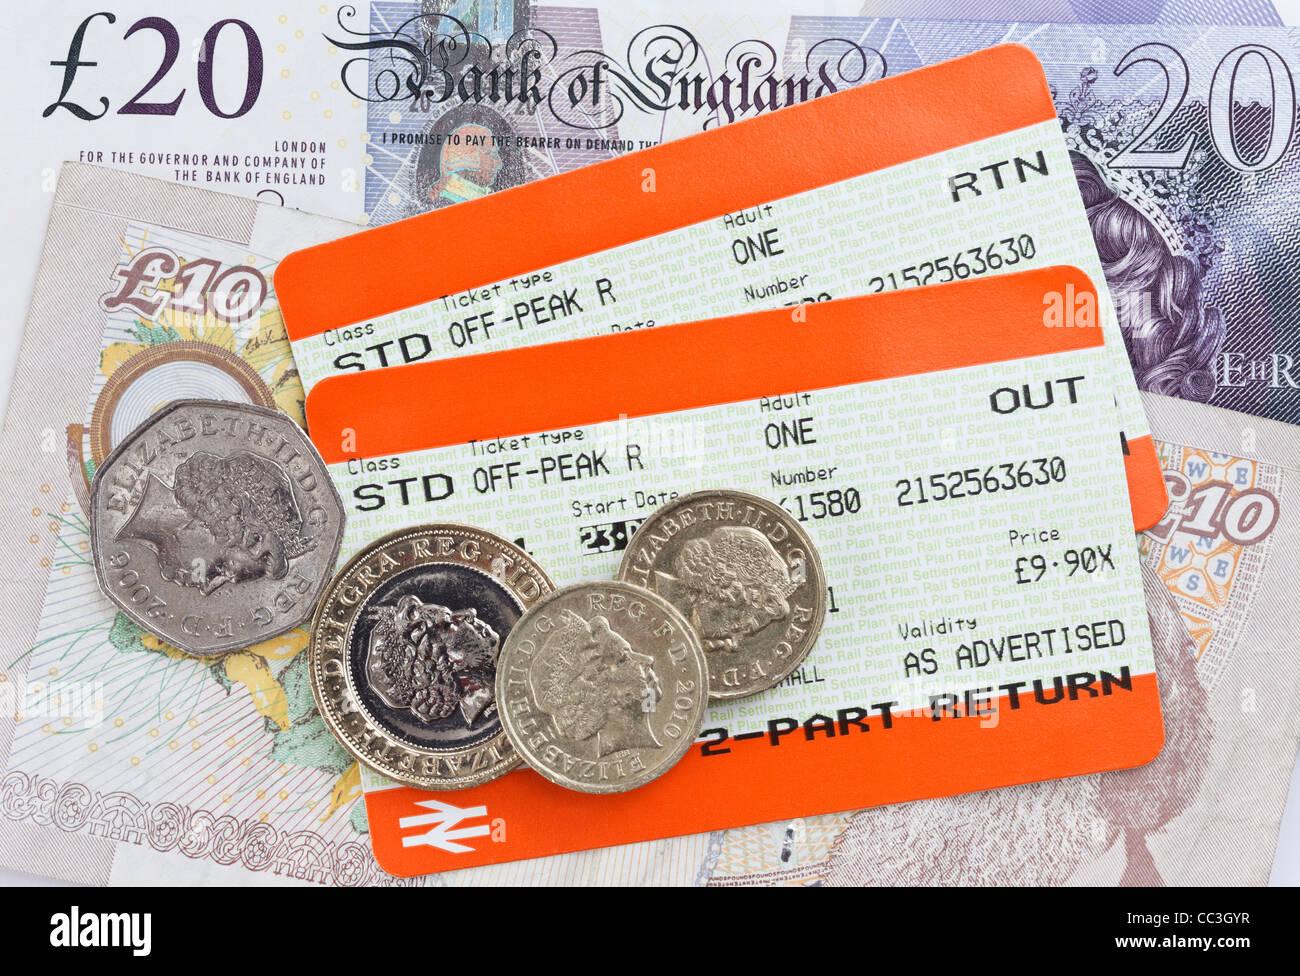 Zwei britische Bahn Tickets für Standard off-peak Value Travel heraus und mit Sterling geld Banknoten und Münzen Stockbild